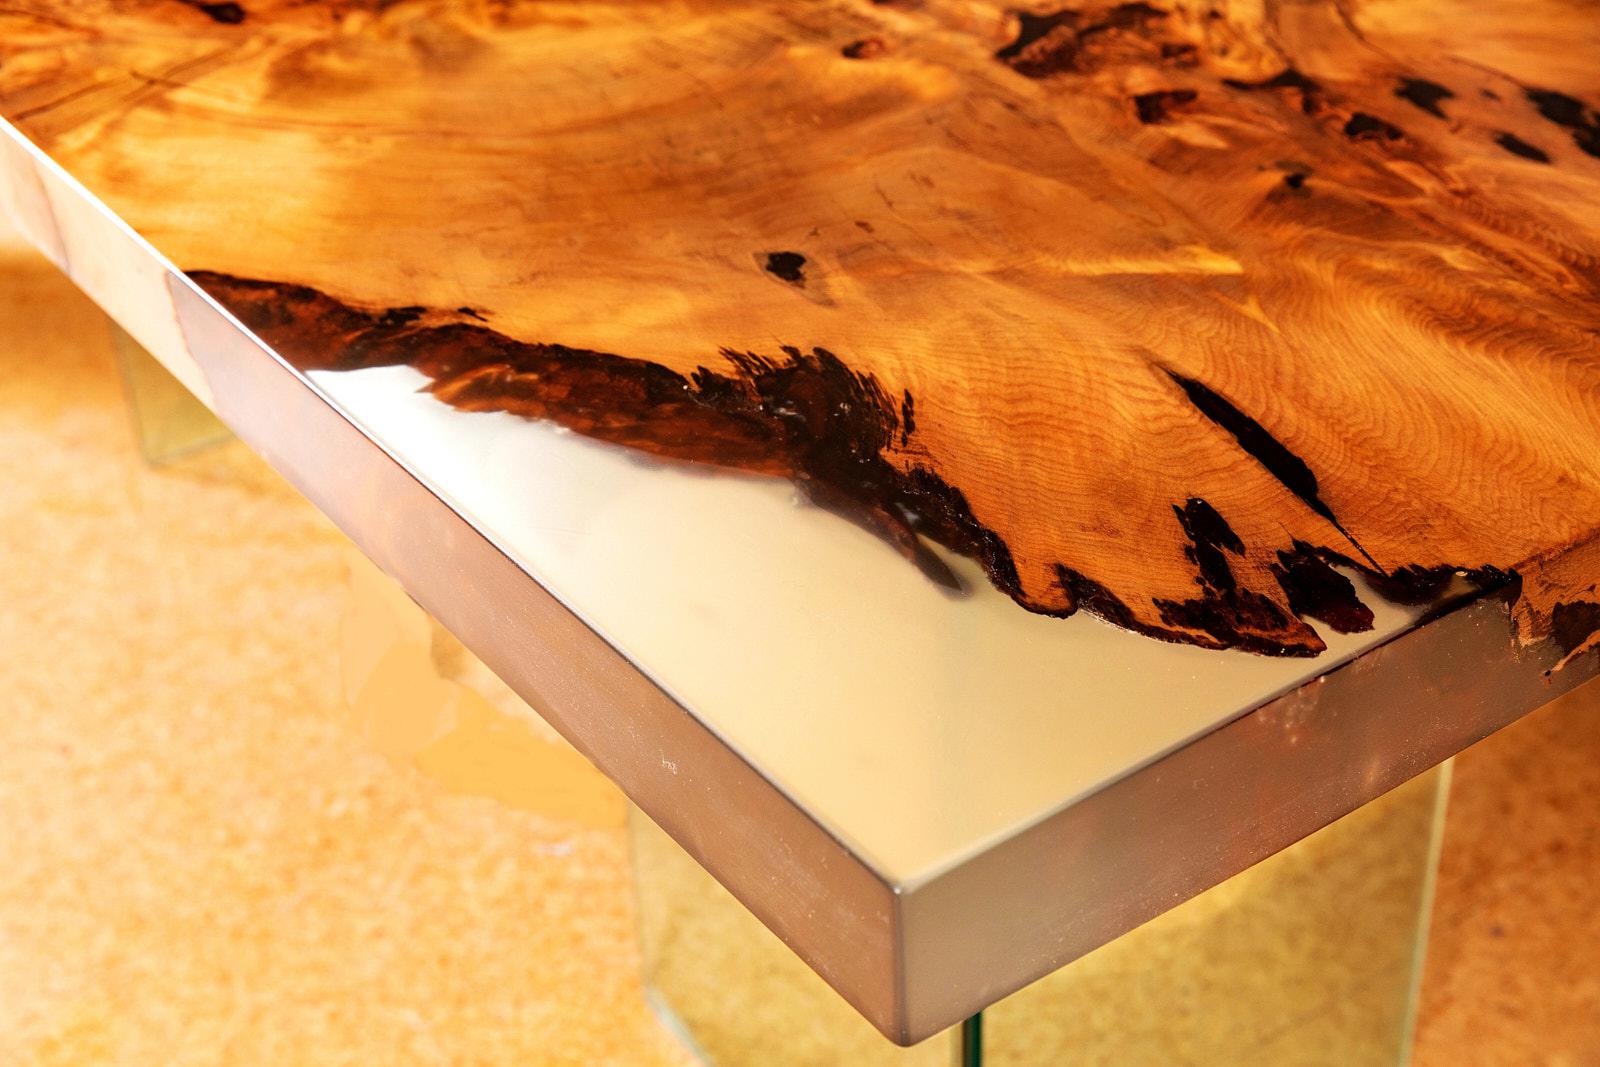 Exklusiver Design Holztisch mit besonderen Naturmerkmalen mit unverleimter Wurzel Tischplatte in Epoxidharz, moderner Designertisch als hochwertige Geldanlage